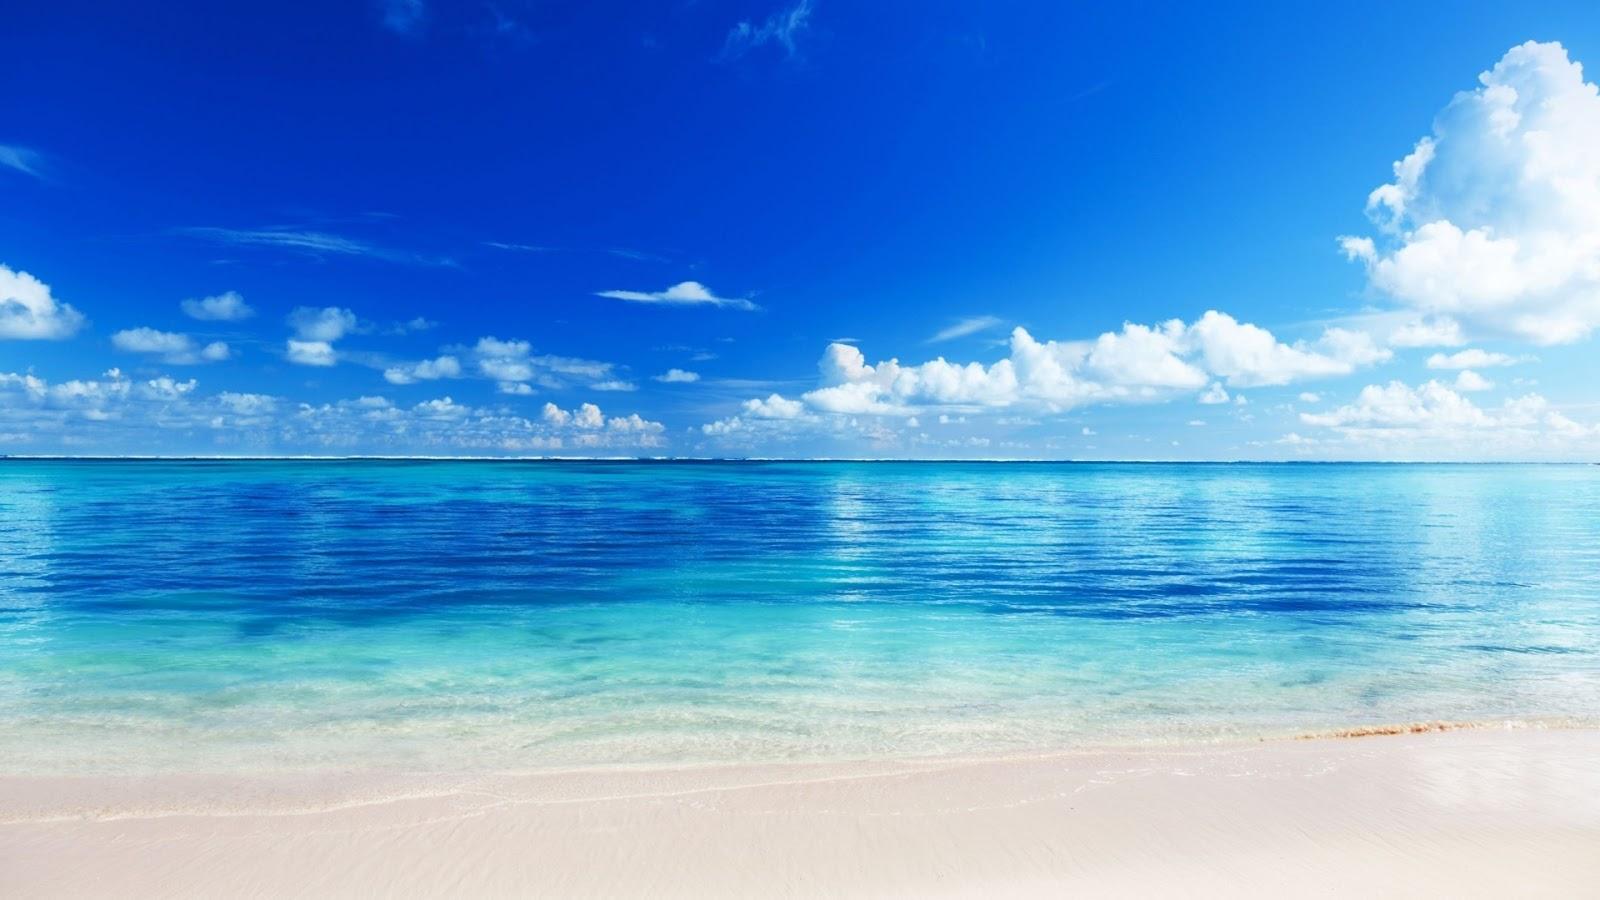 صورة خلفيات بحر , اجمل خلفية لبحر